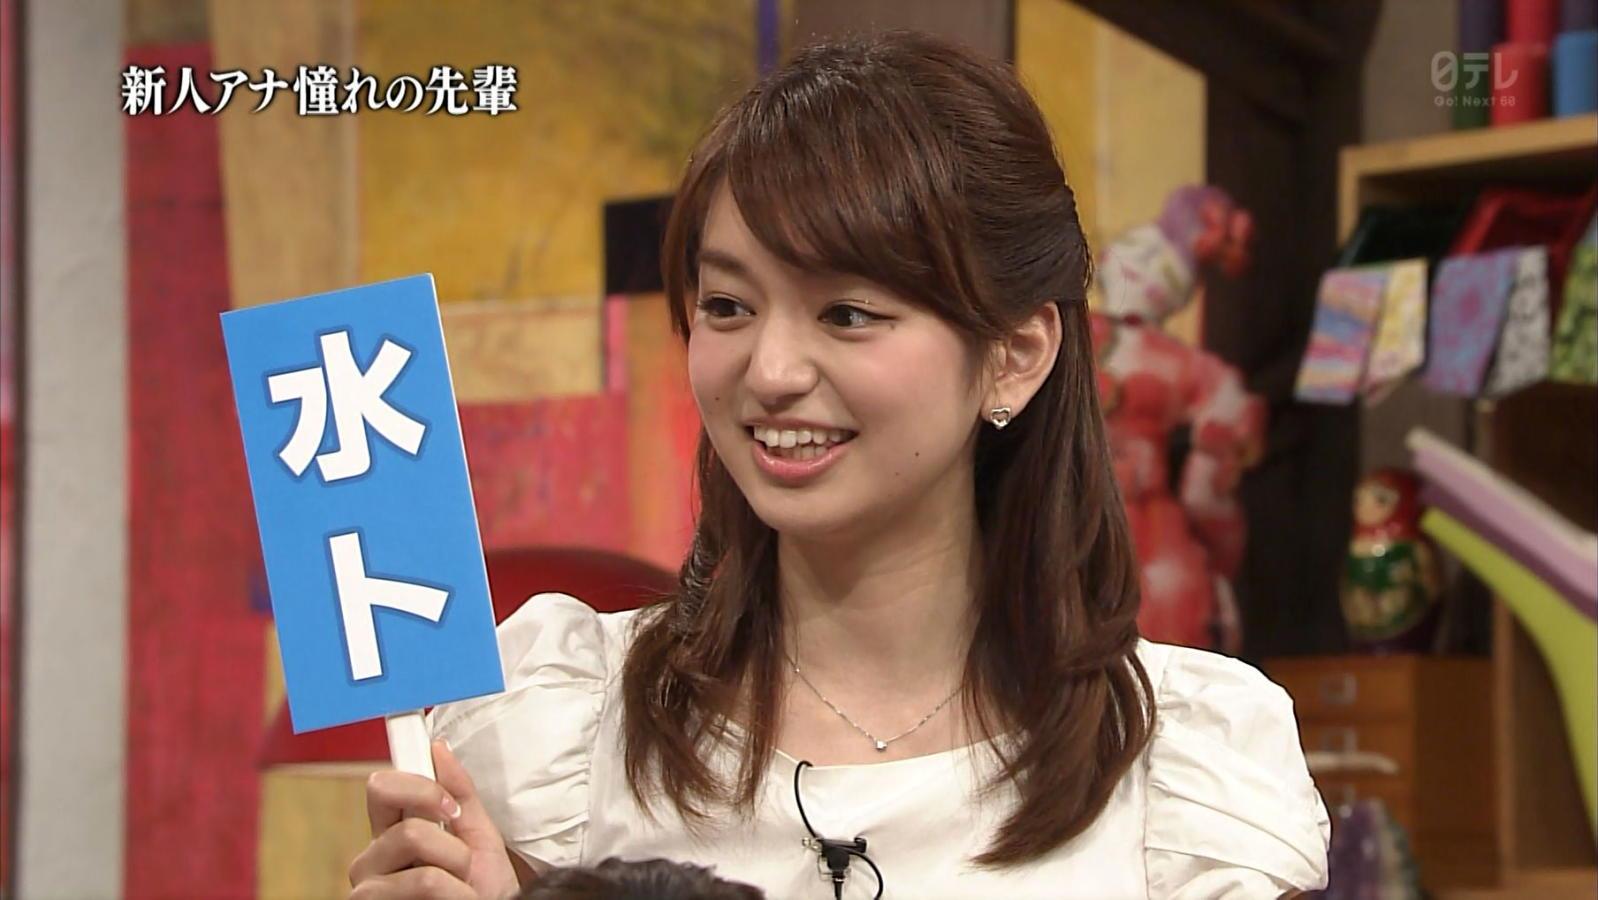 後藤晴菜 おしゃれイズム 13/08/...